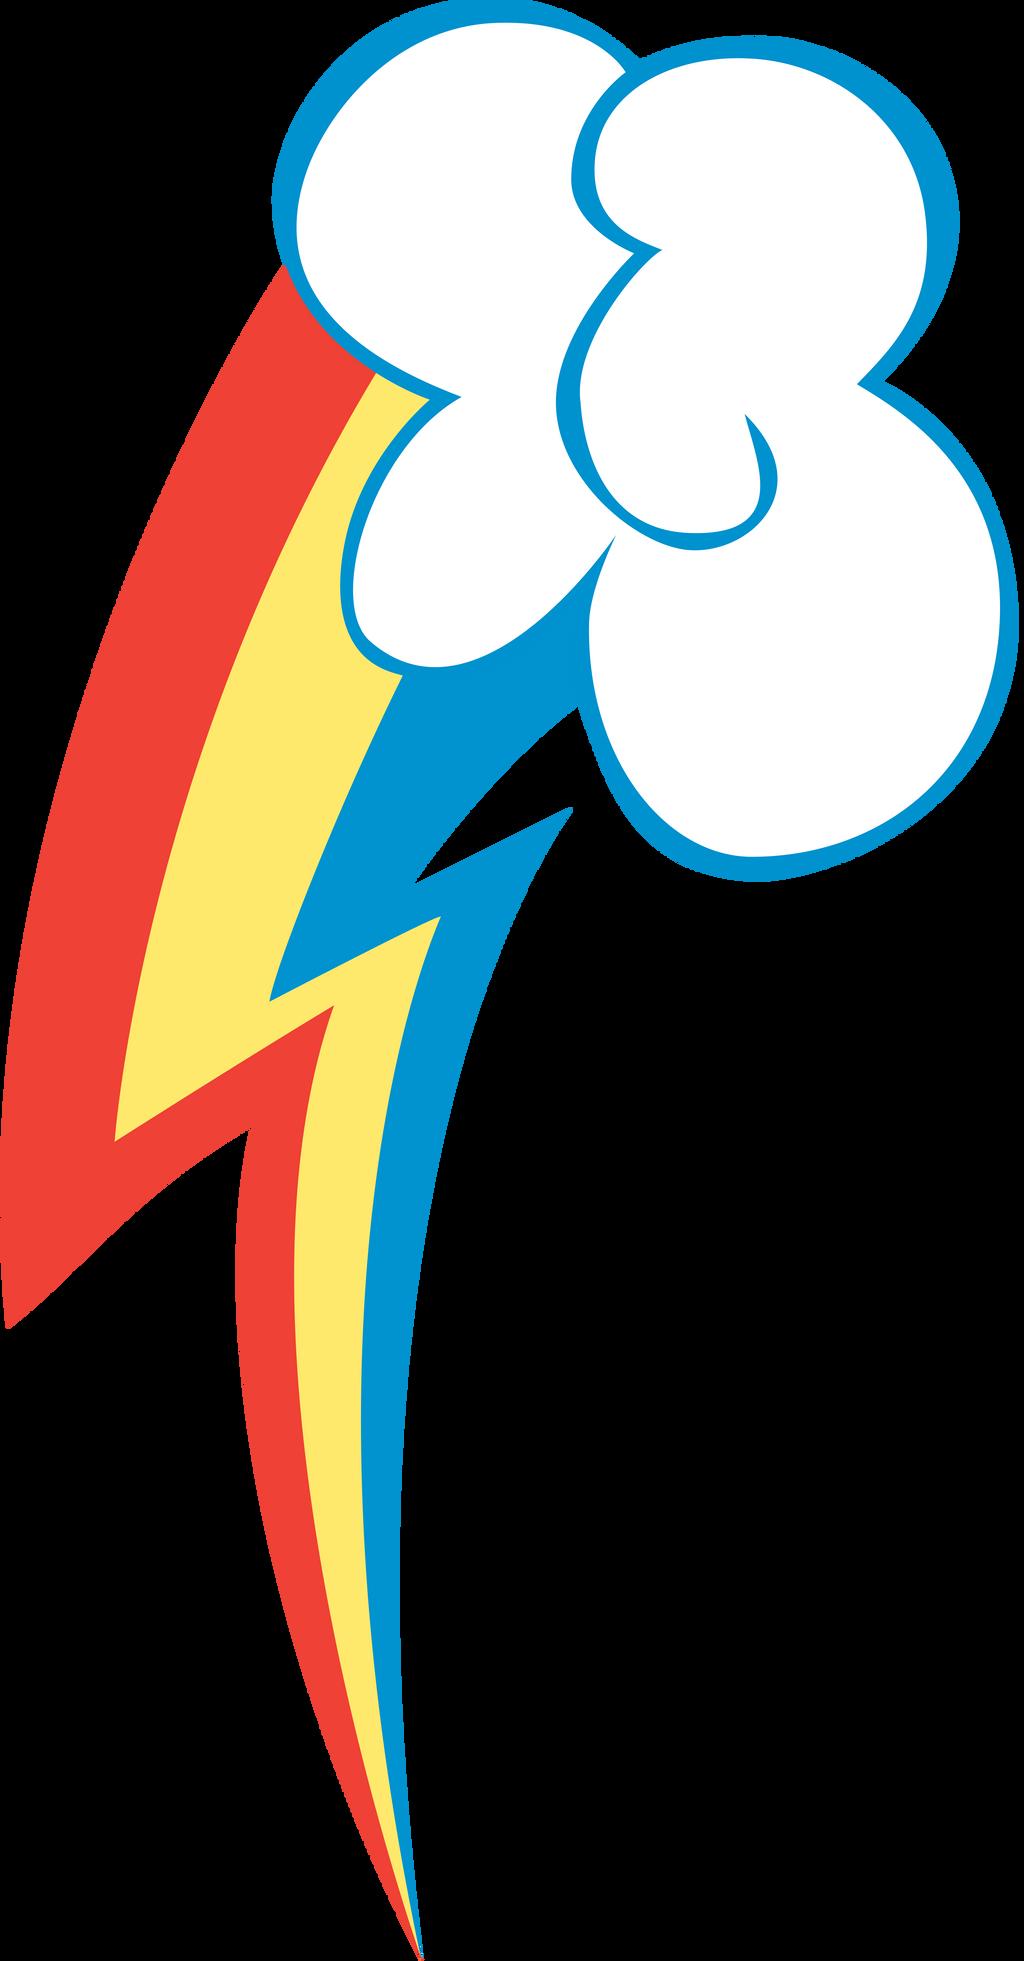 Rainbow Dash Cutie Mark Vector